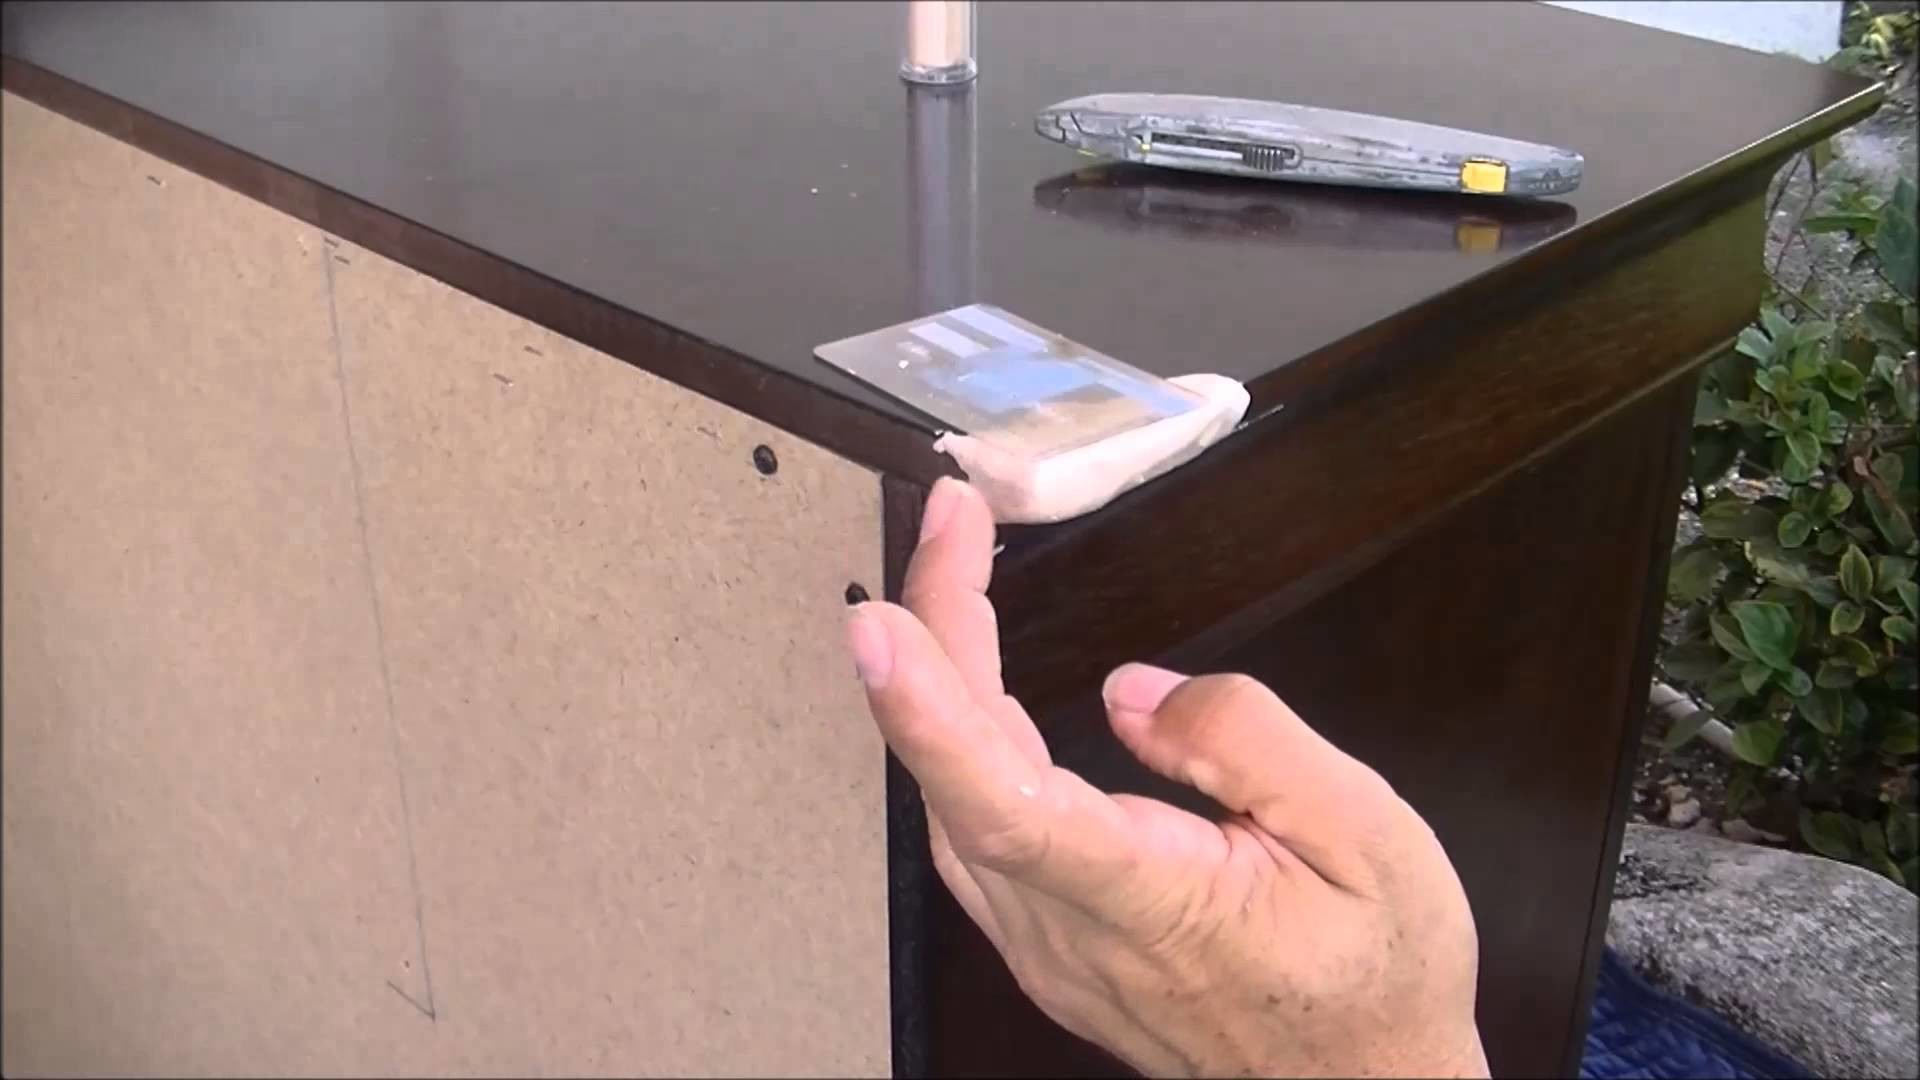 How to fix a dresser broken corner part 1 bonding, building, sander